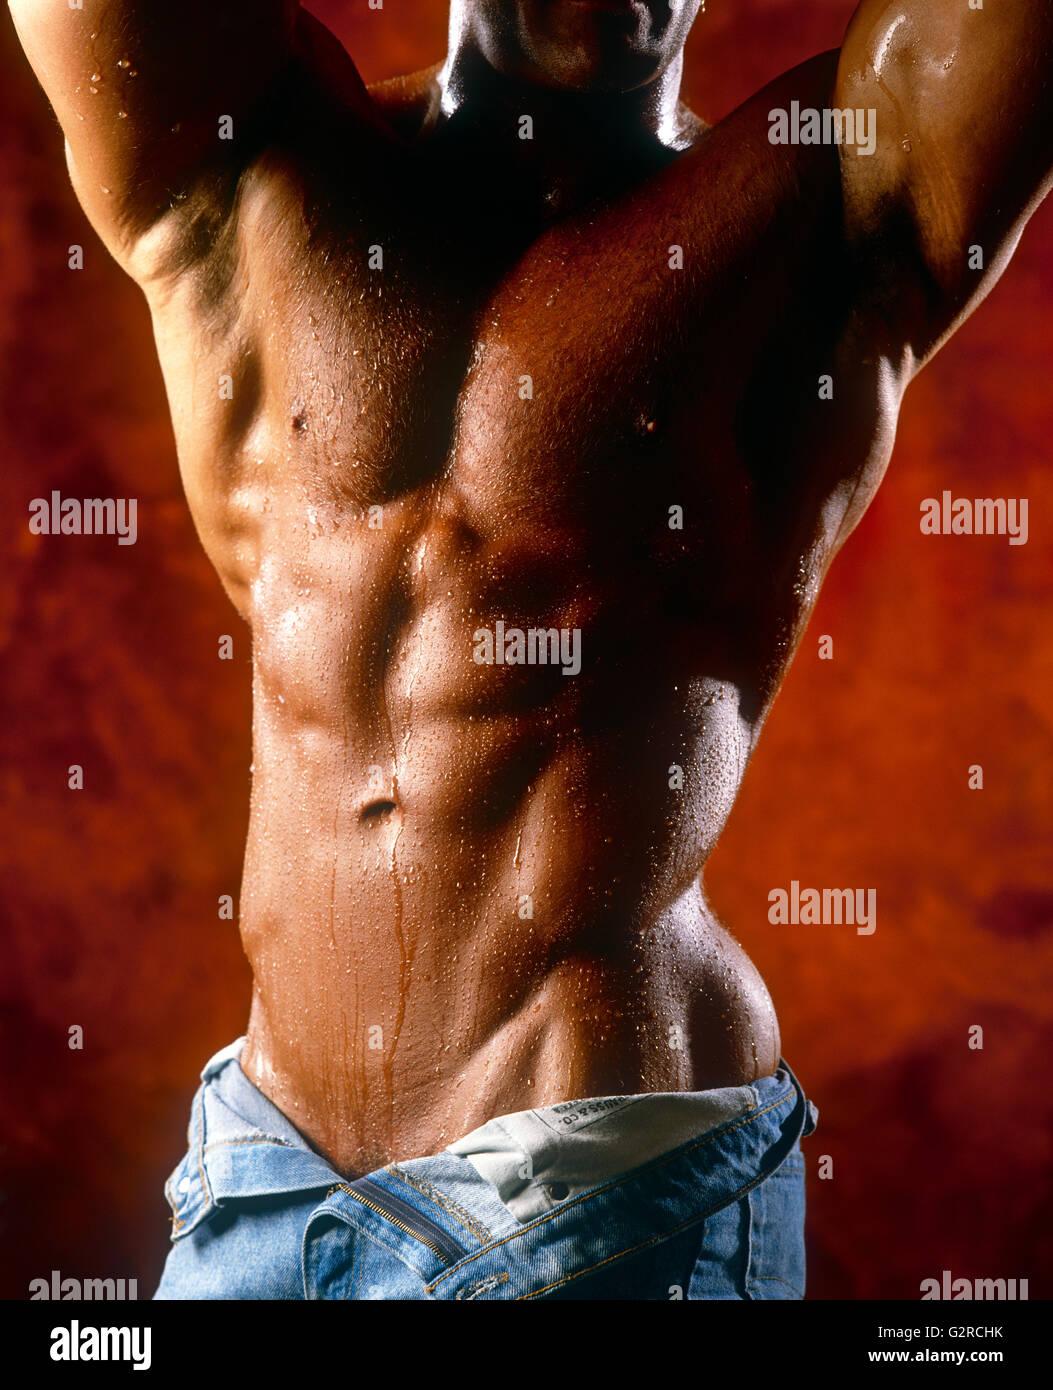 Close-up d'un gars des muscles, à l'intérieur. Banque D'Images